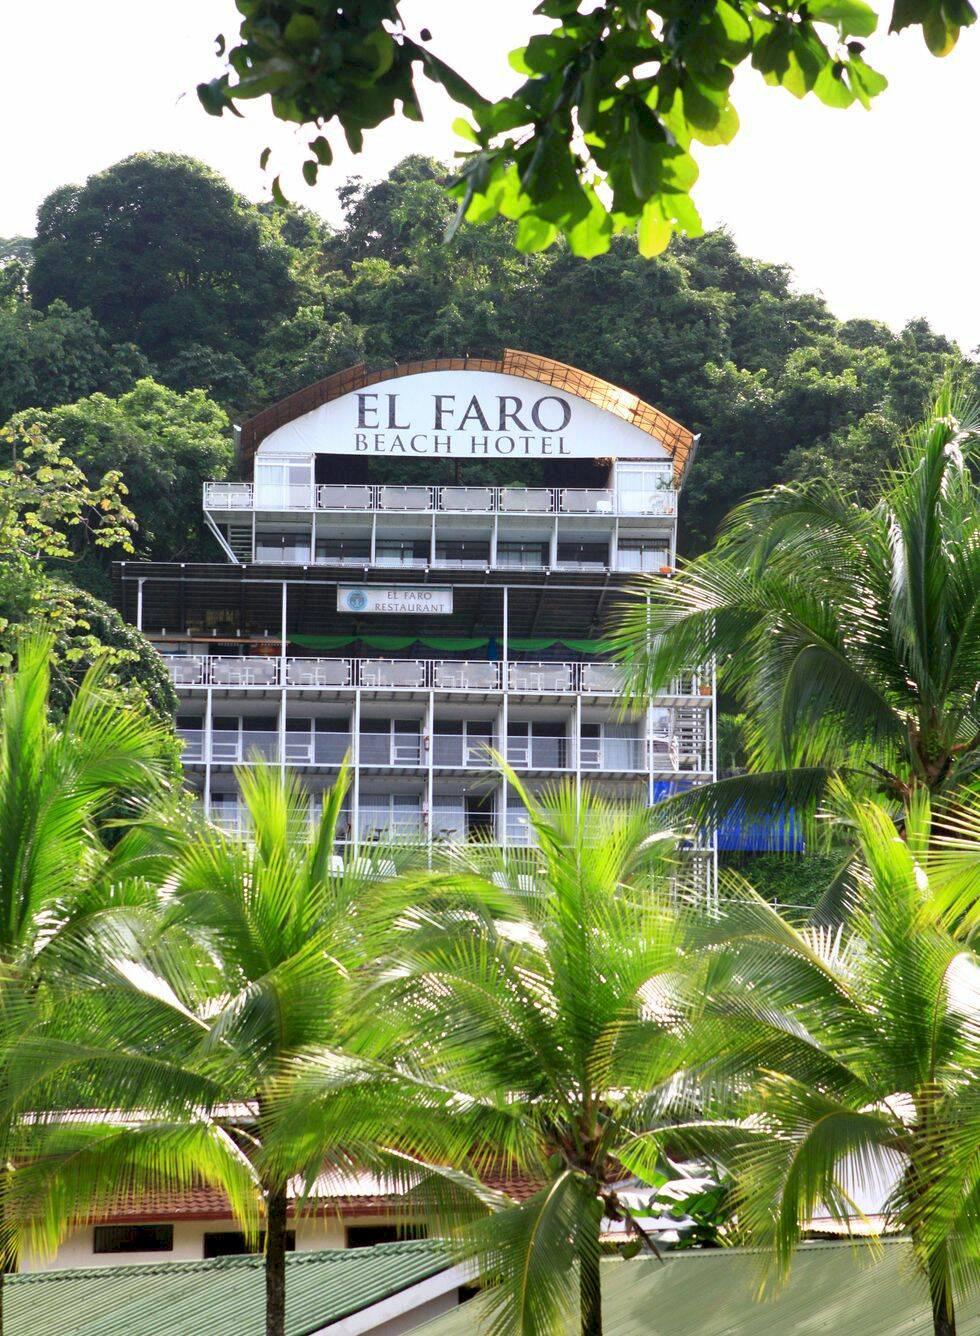 Guide: Resa runt i Costa Rica